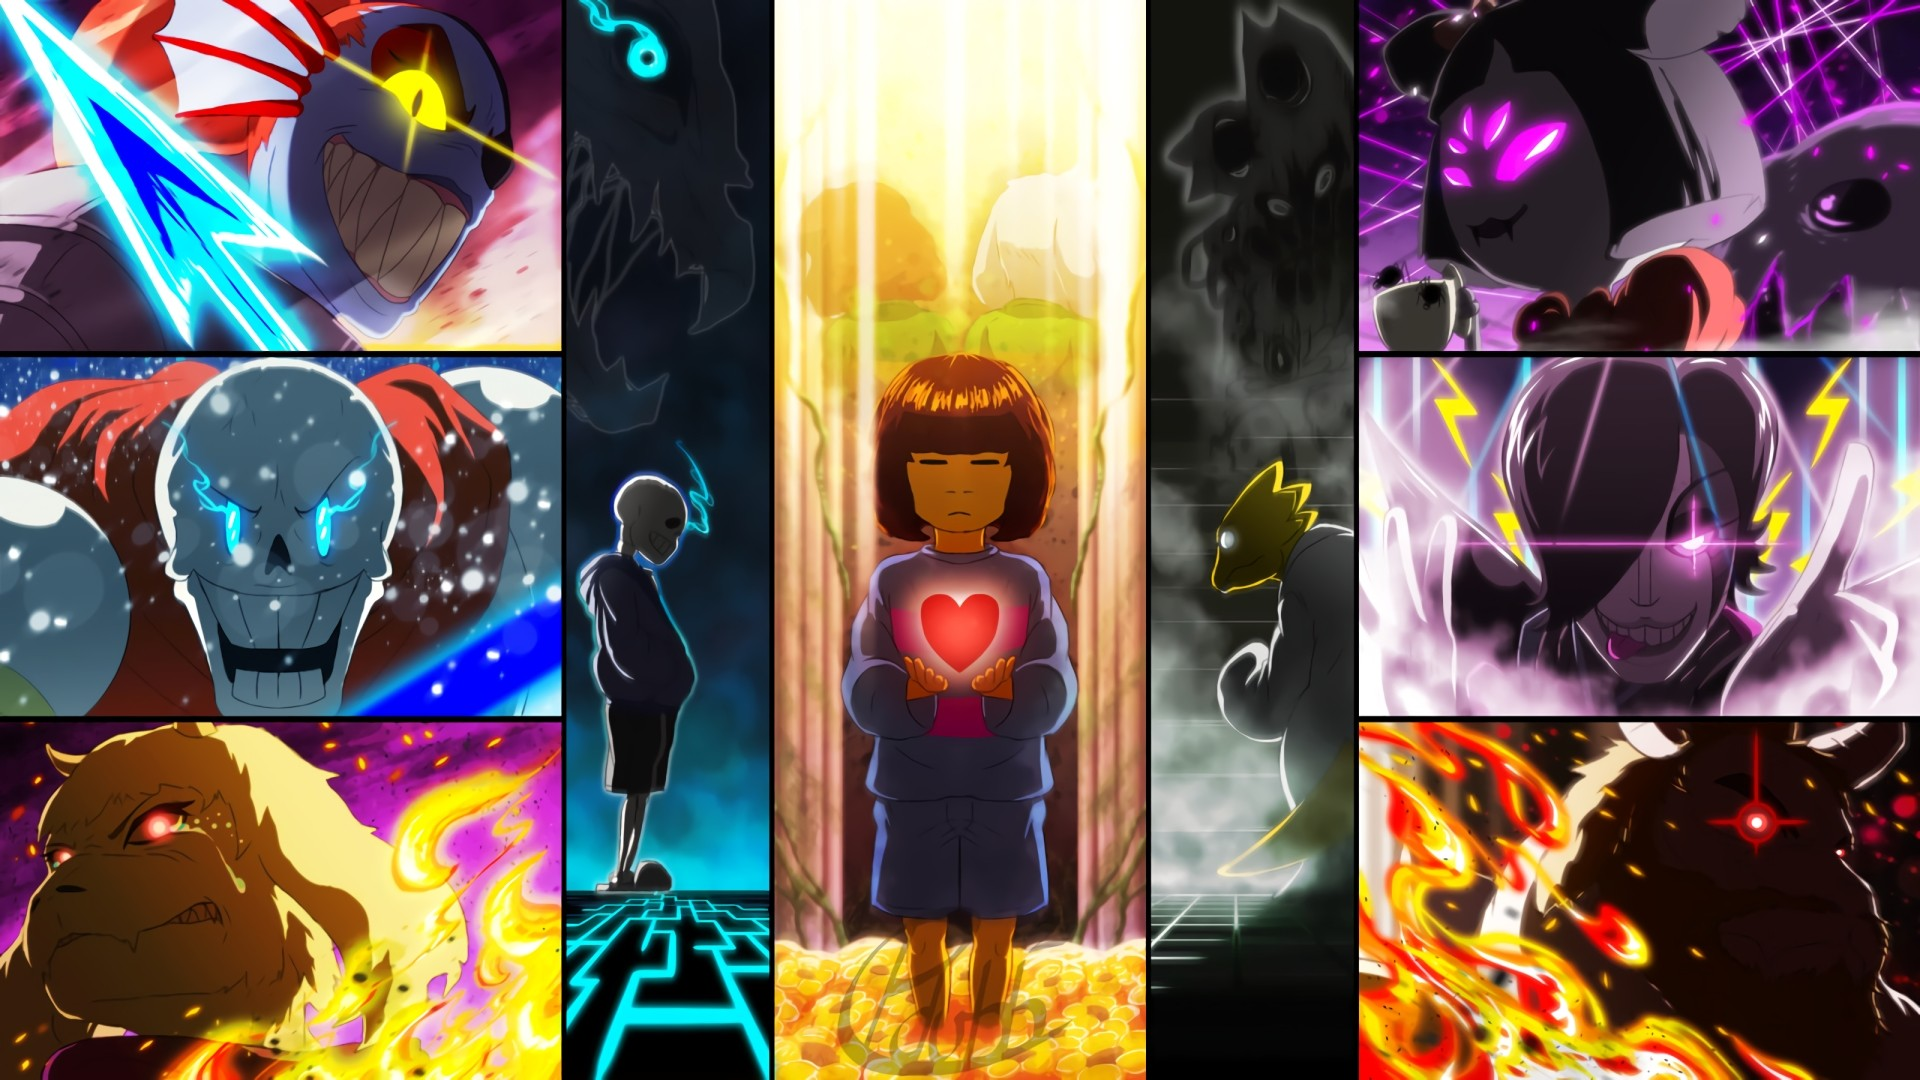 Chara Wallpaper image hd